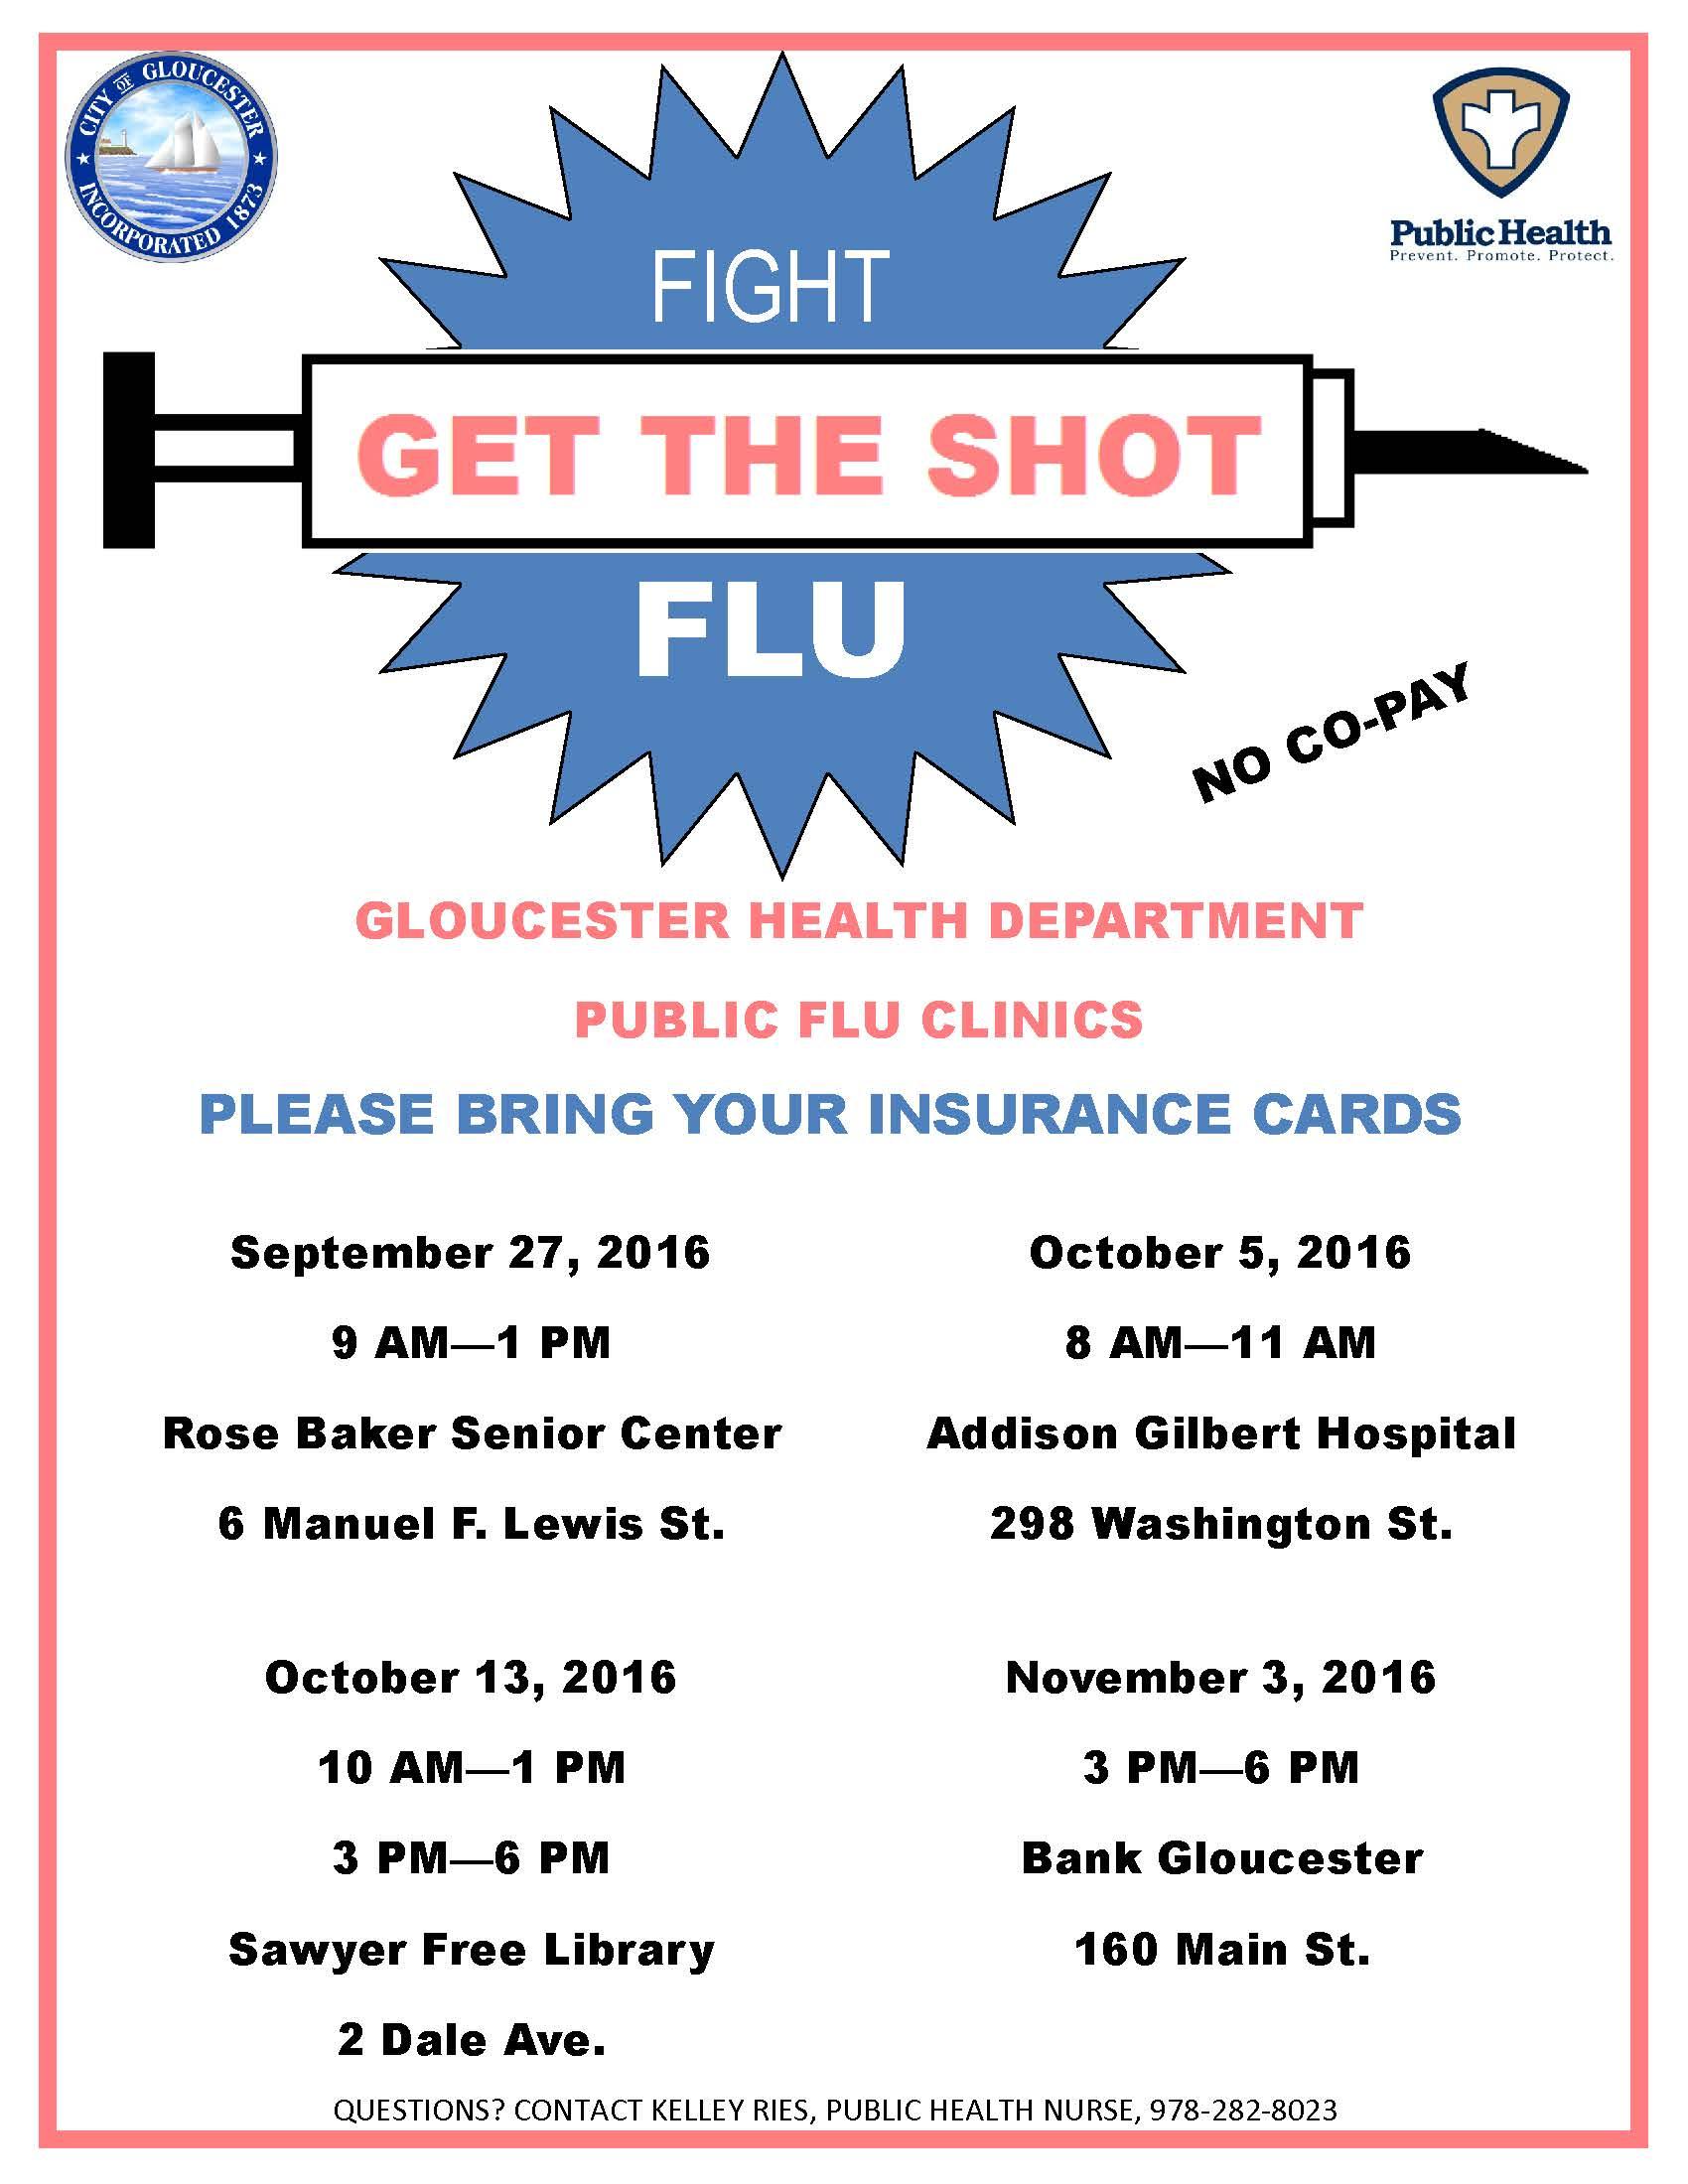 Flu Vaccine Flyers Free: Gloucester Flu Clinics